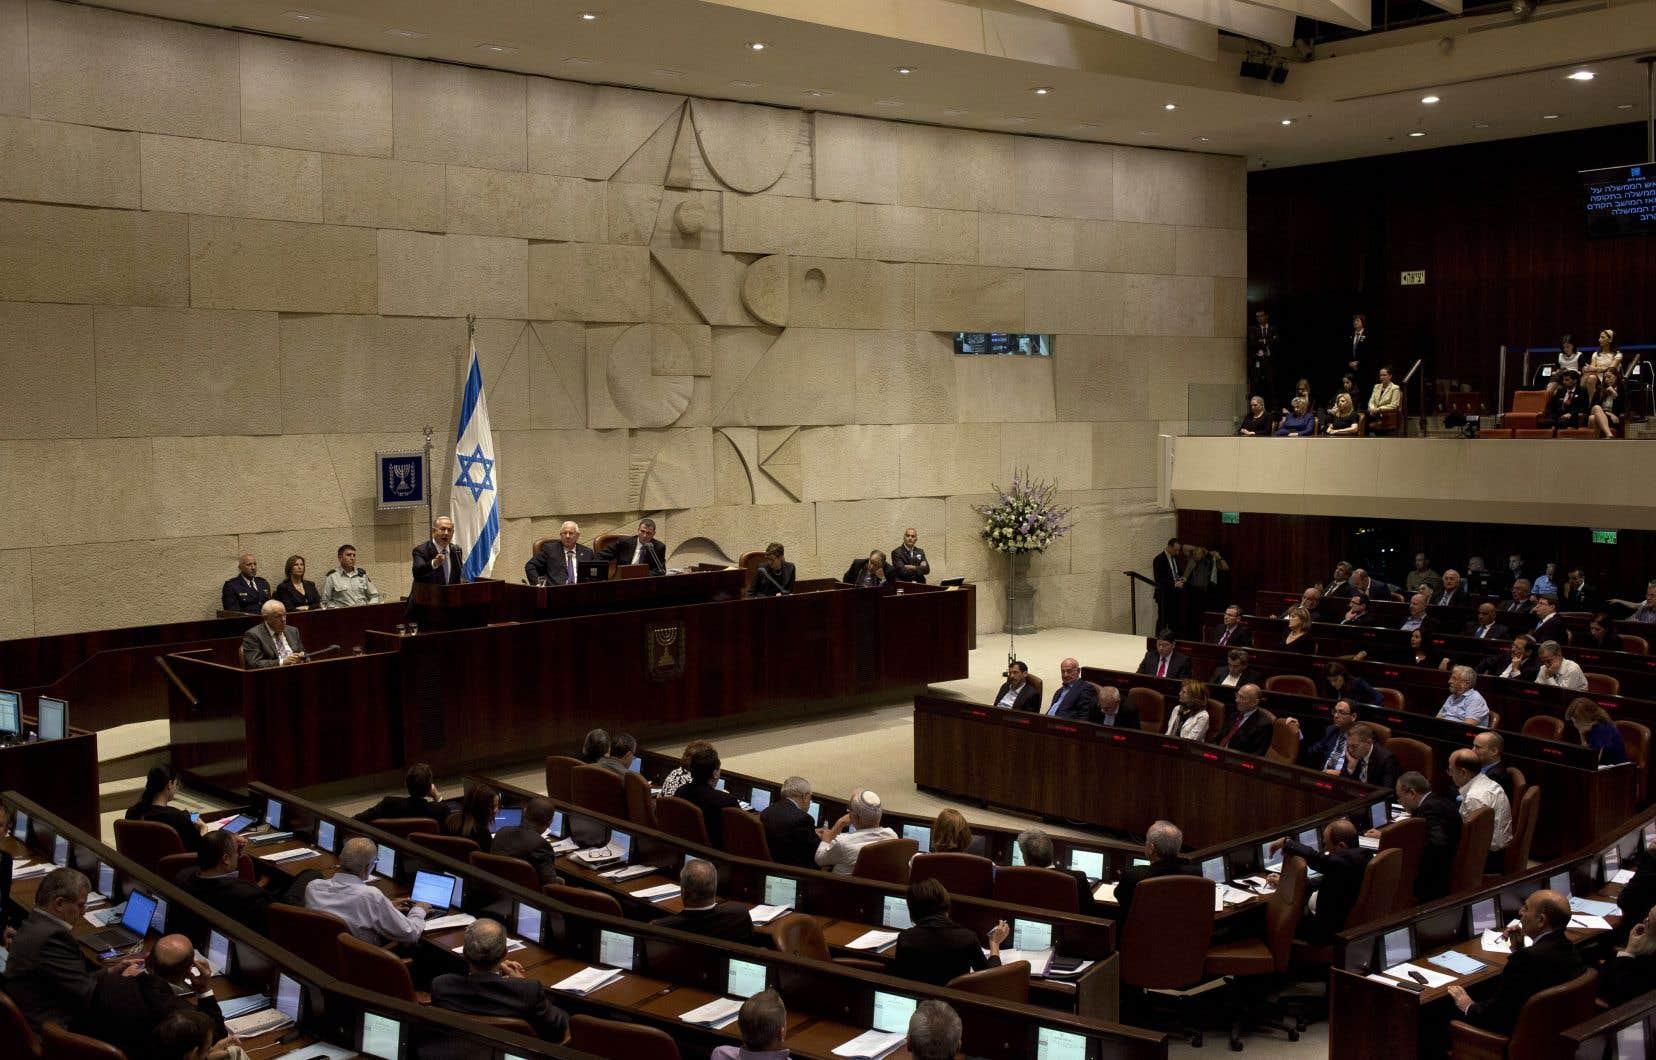 Le Parlement israélien a adopté un projet de loi visant à compliquer le passage sous souveraineté palestinienne de certaines zones de Jérusalem.